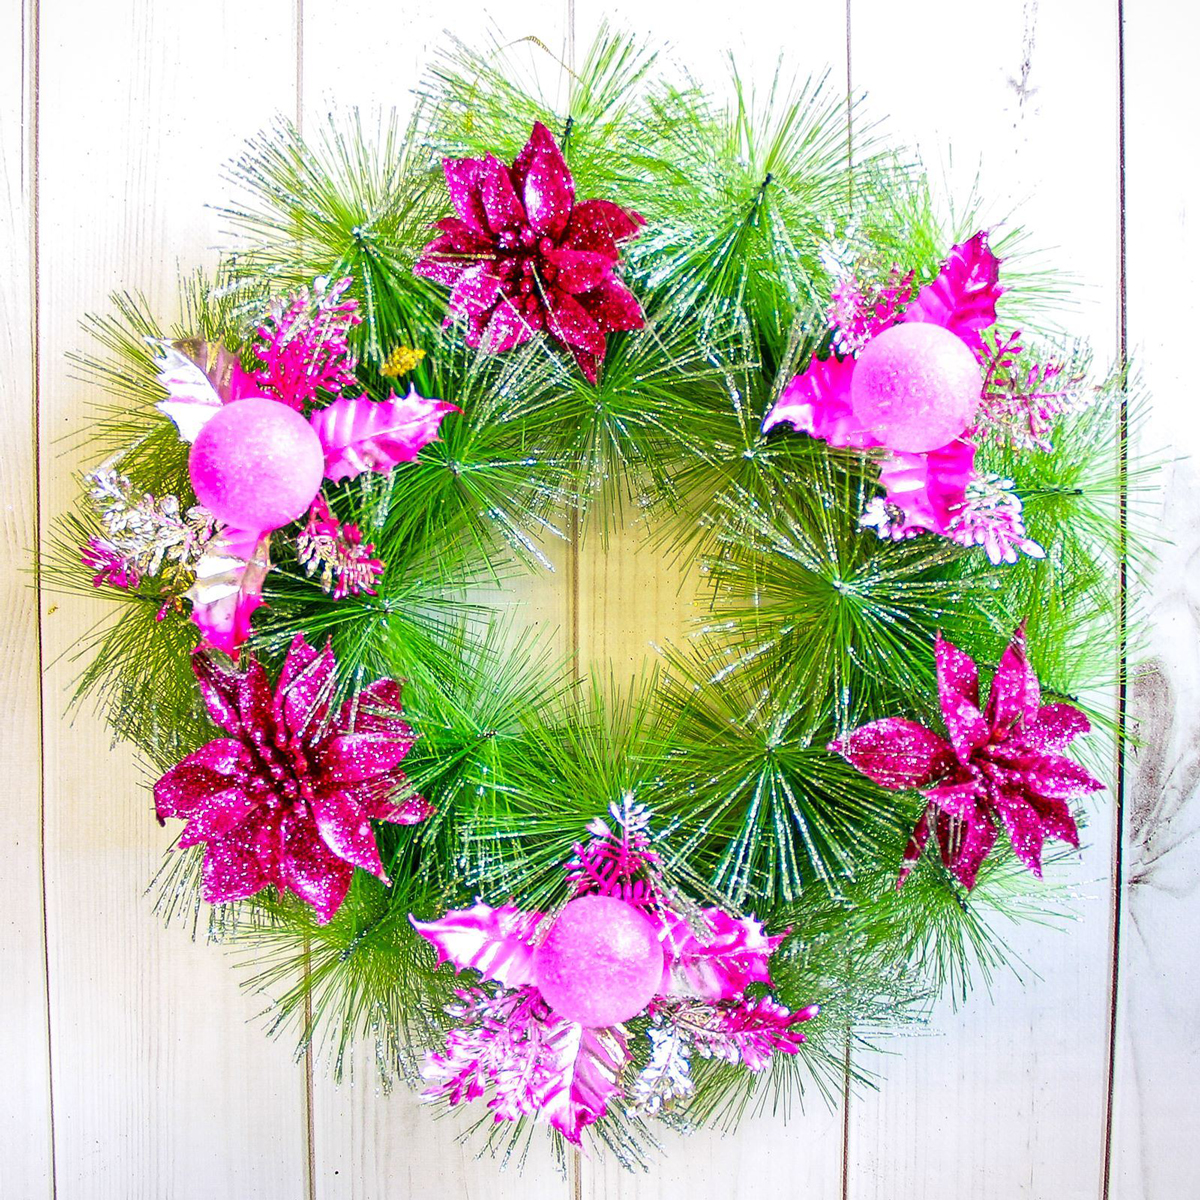 Венок новогодний Сиреневый цветок, диаметр 30 см2377995Невозможно представить нашу жизнь без праздников! Мы всегда ждем их и предвкушаем, обдумываем, как проведем памятный день, тщательно выбираем подарки и аксессуары, ведь именно они создают и поддерживают торжественный настрой. Это отличный выбор, который привнесет атмосферу праздника в ваш дом!Диаметр венка: 30 см.